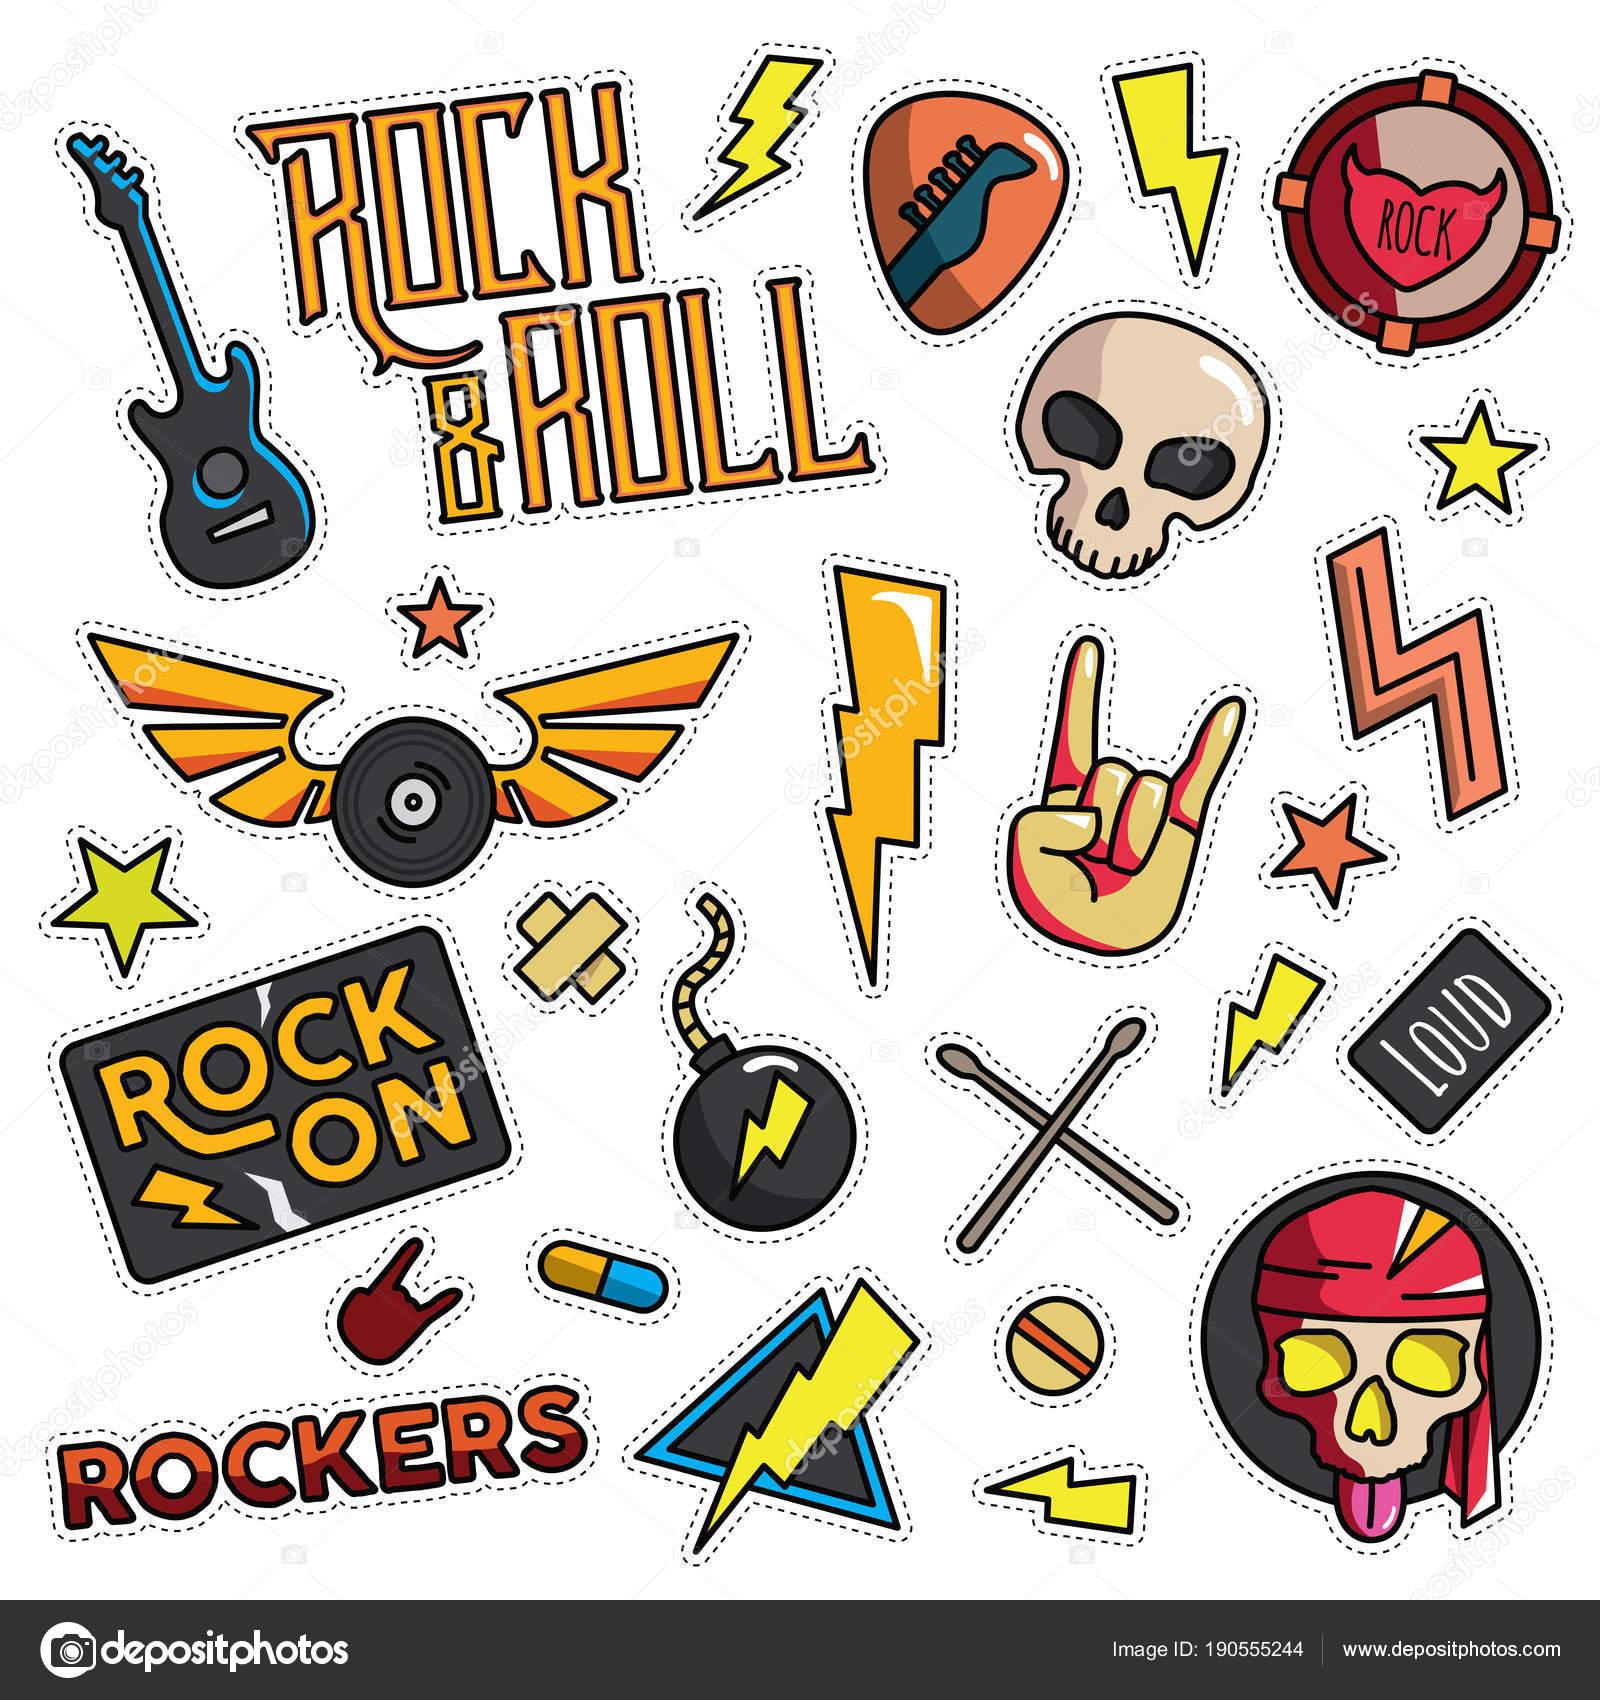 Dibujos Ilustraciones Rock And Roll Vintage 80s 90s Rock